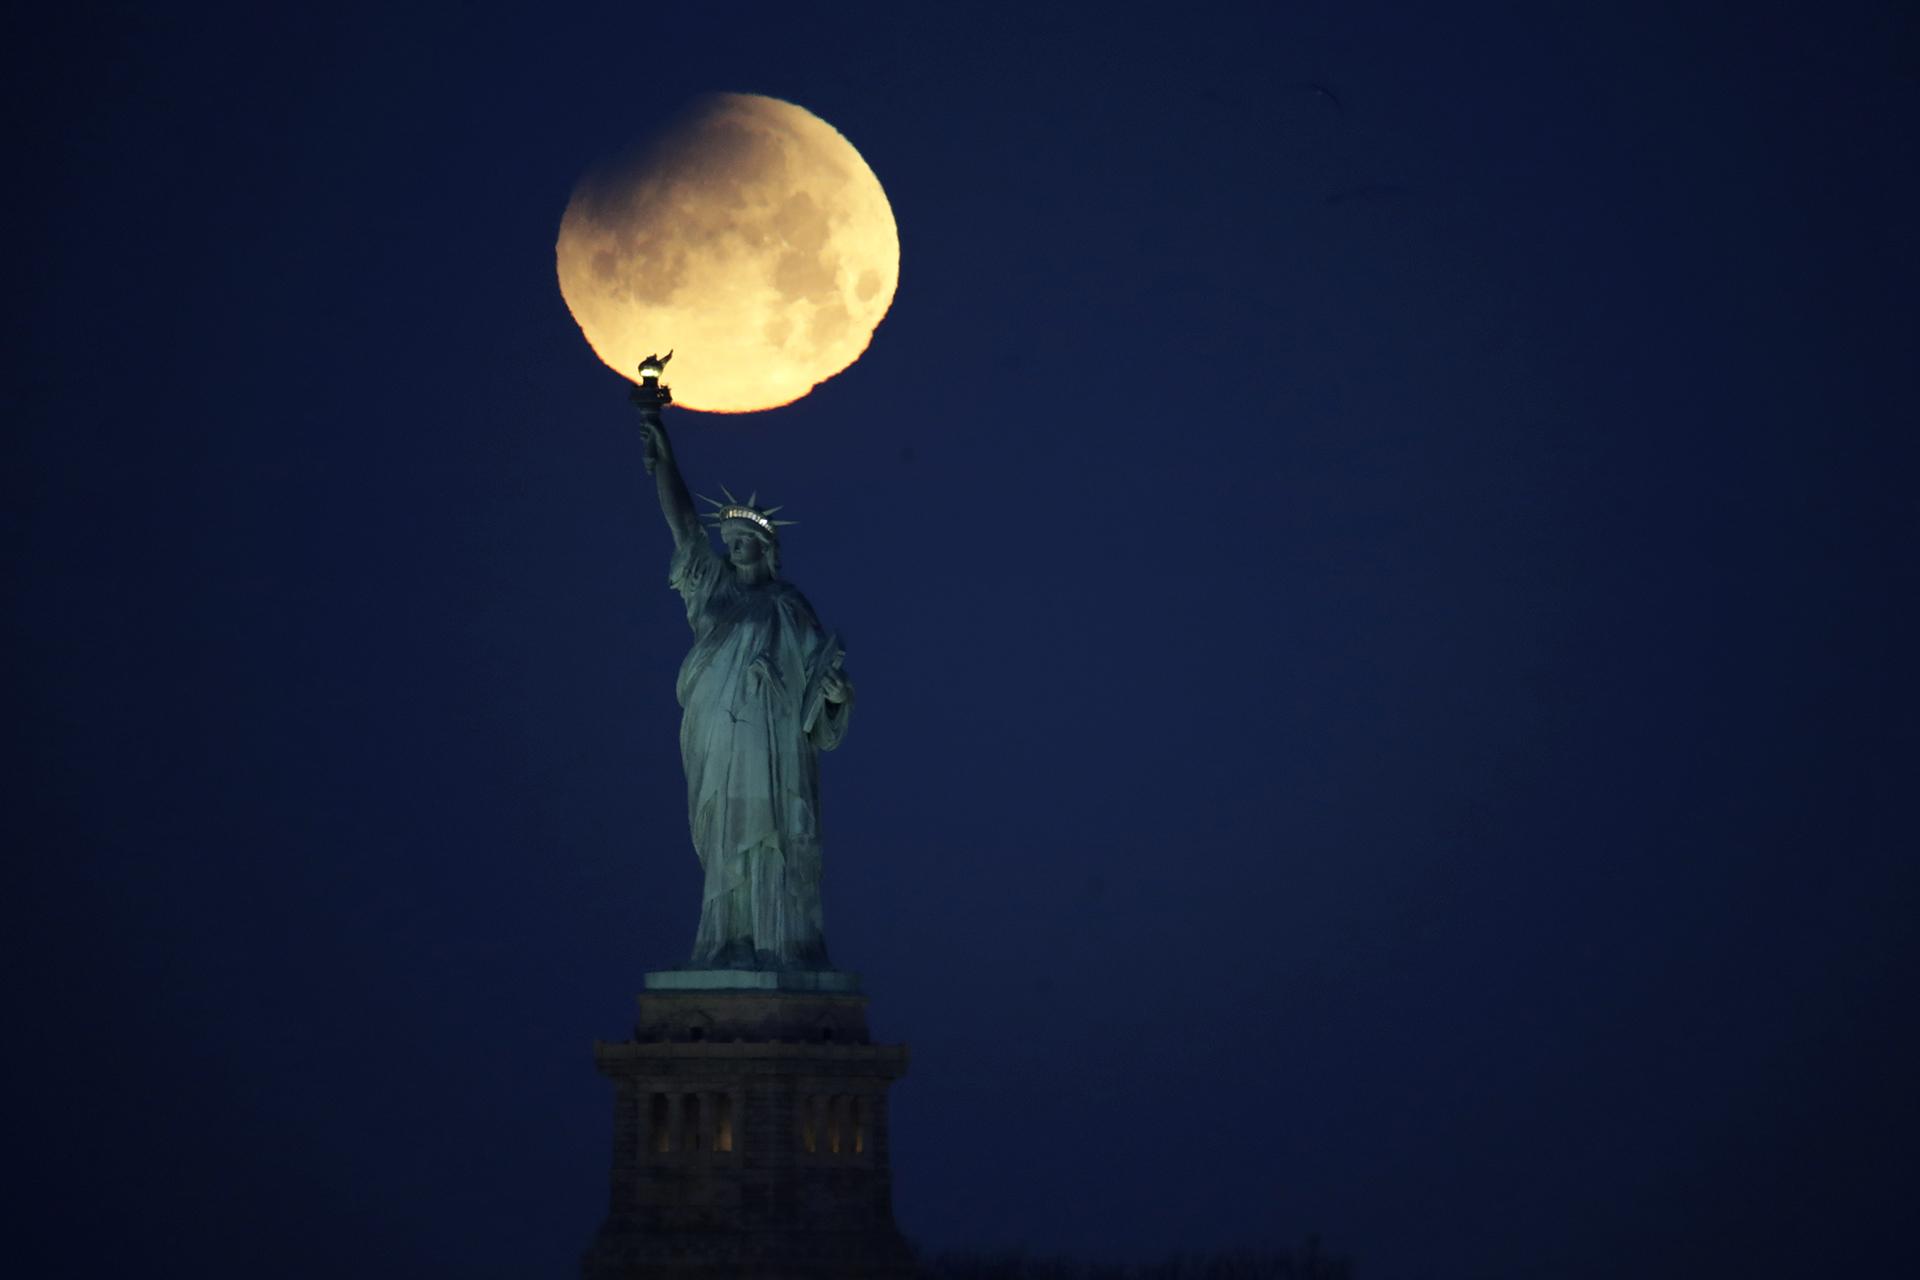 La superluna sobre la Estatua de la Libertad